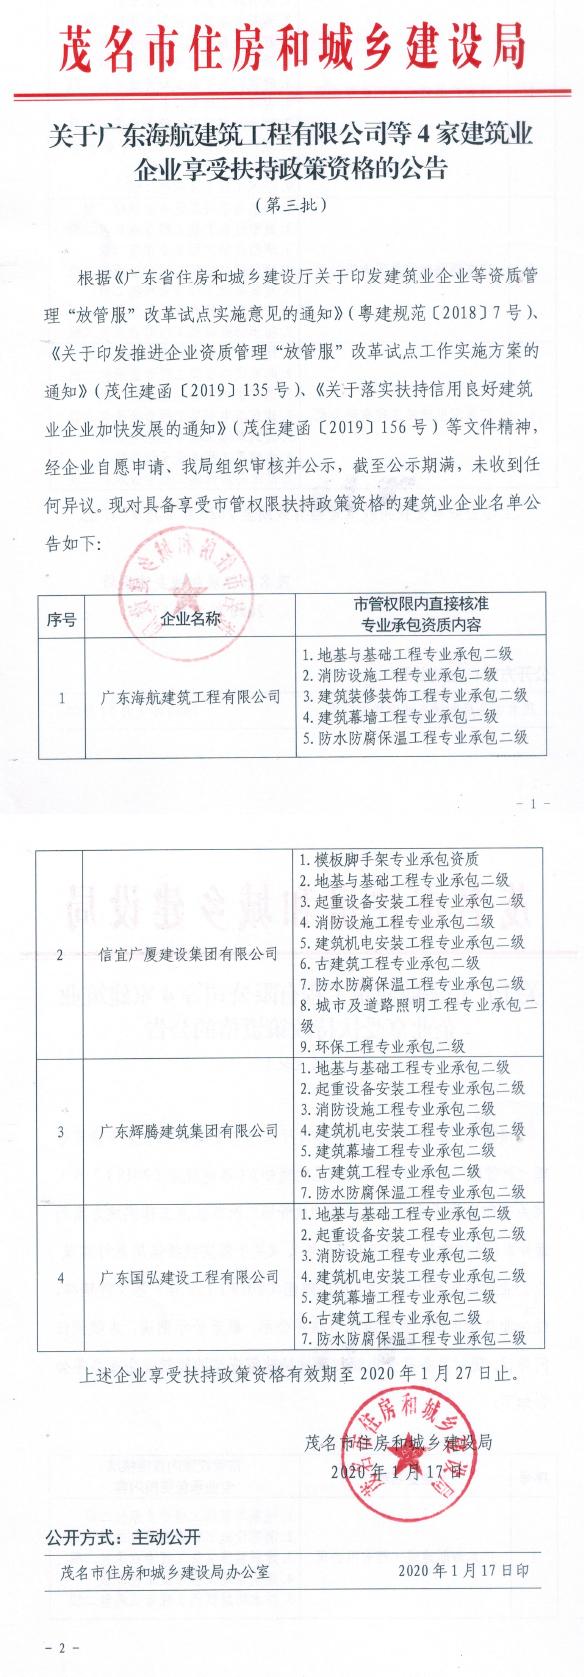 关于广东海航建筑工程有限公司等4家建筑业企业享受扶持政策资格的公告.jpg